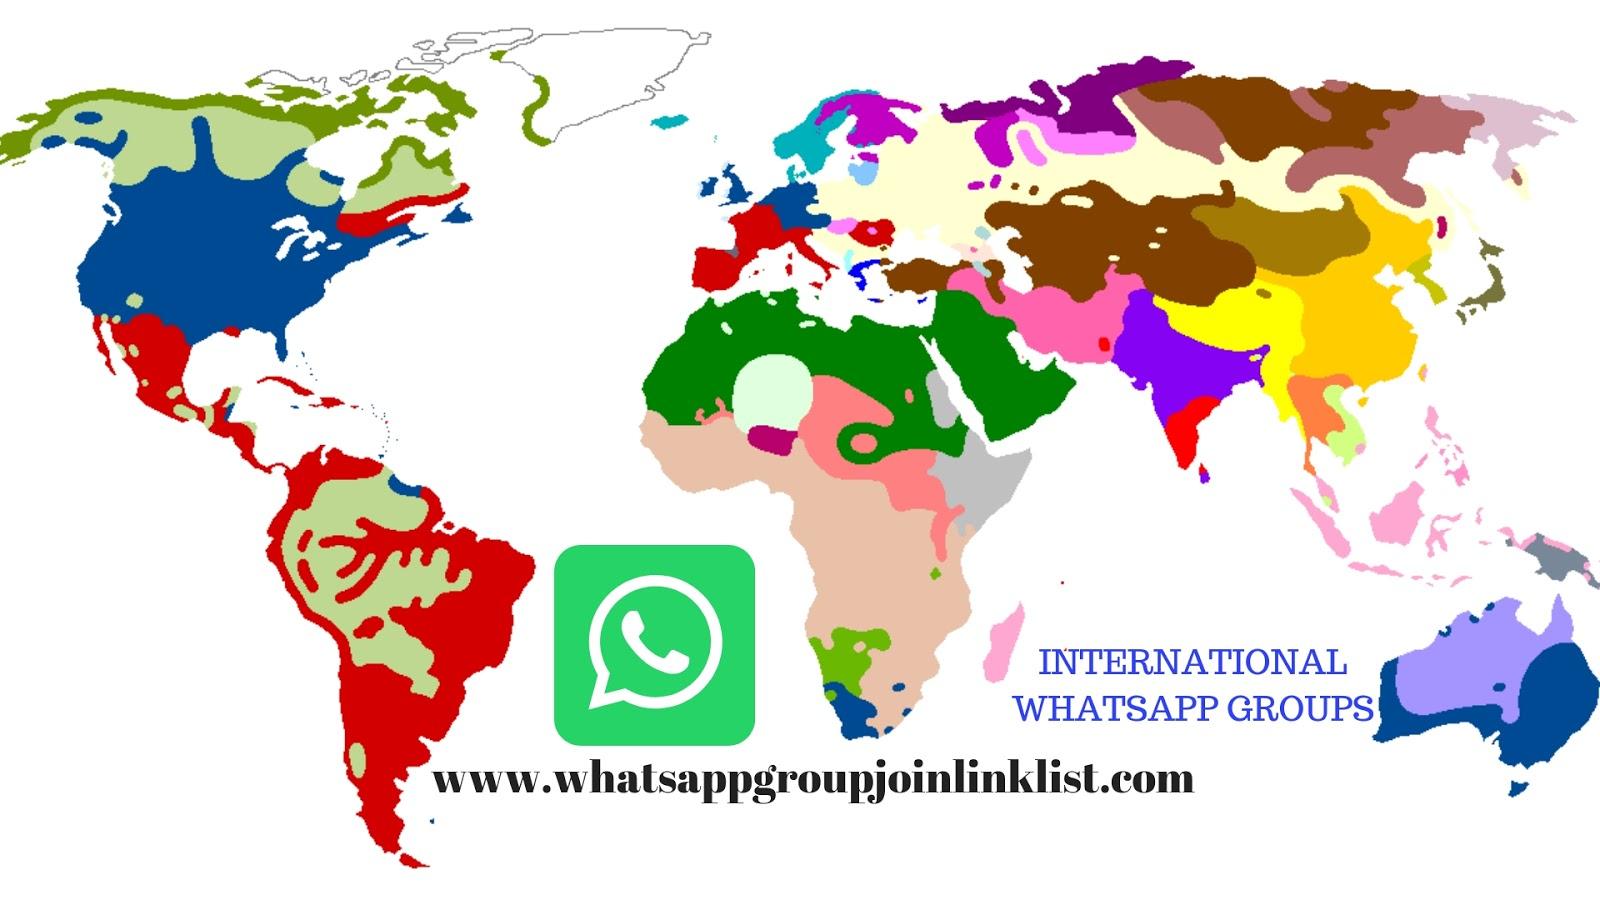 International WhatsApp Group Join Link List